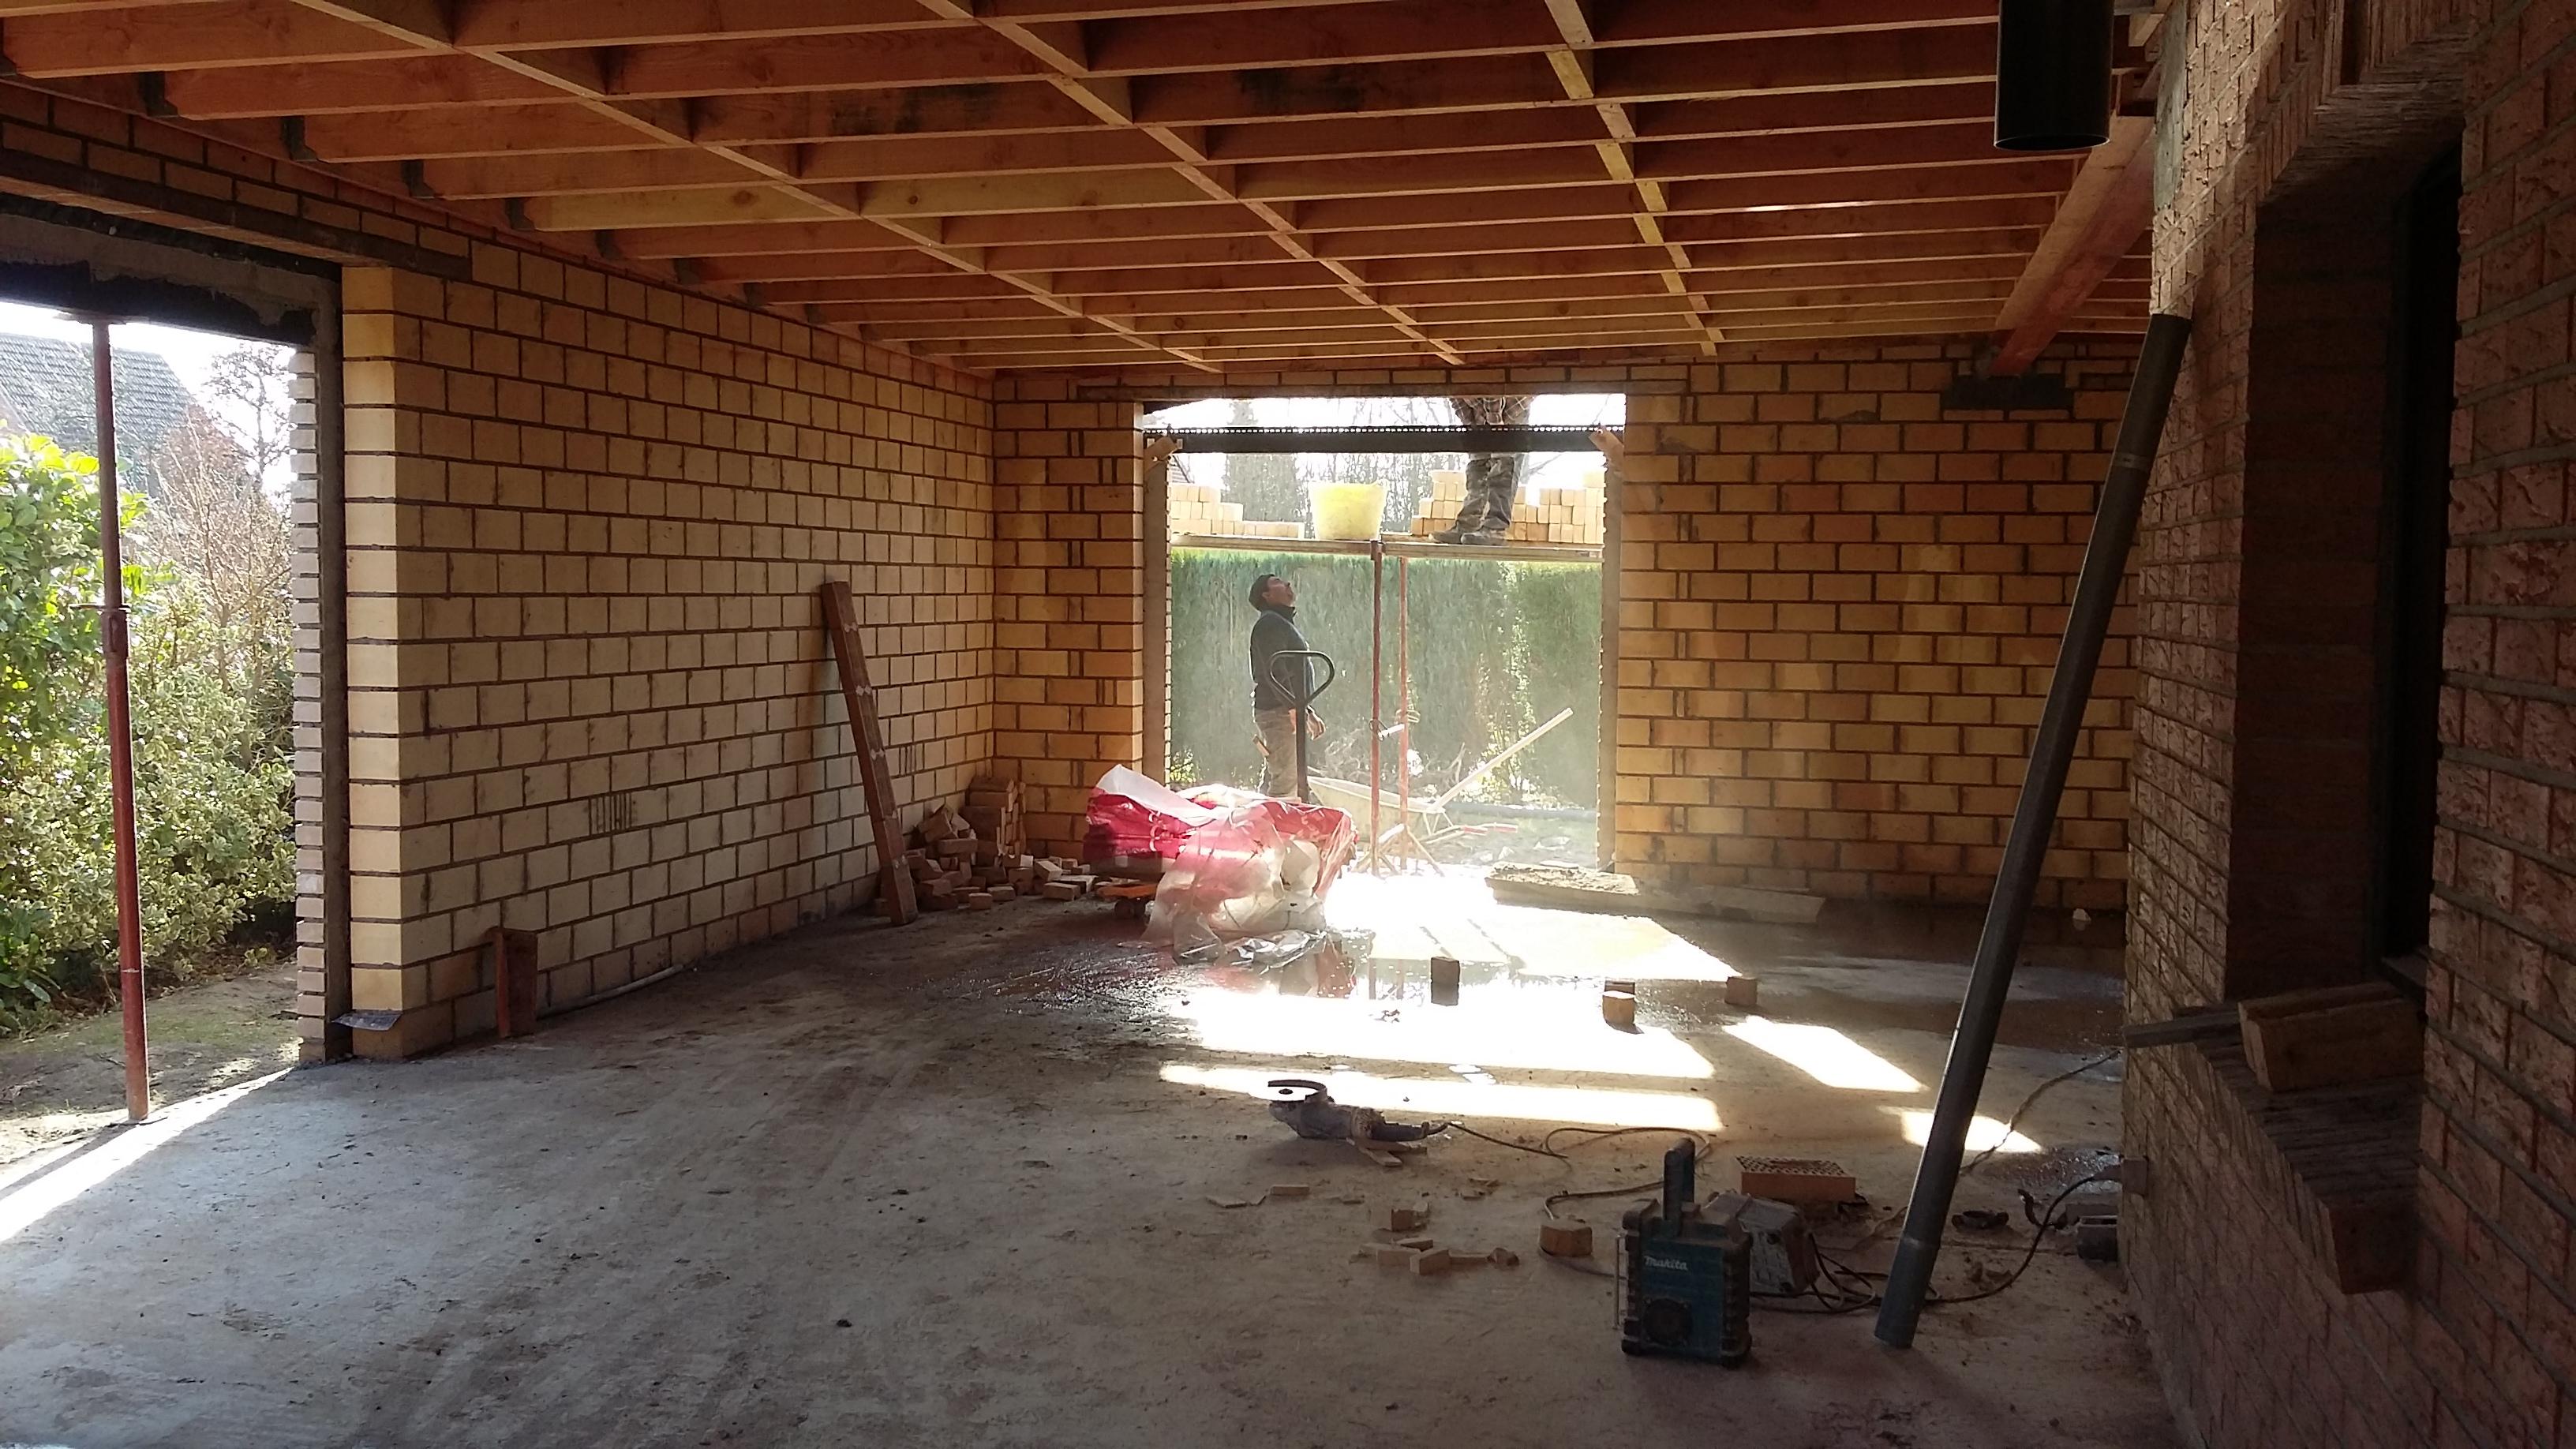 15.20 Atelier Permis de construire extension nord Sequedin40.1